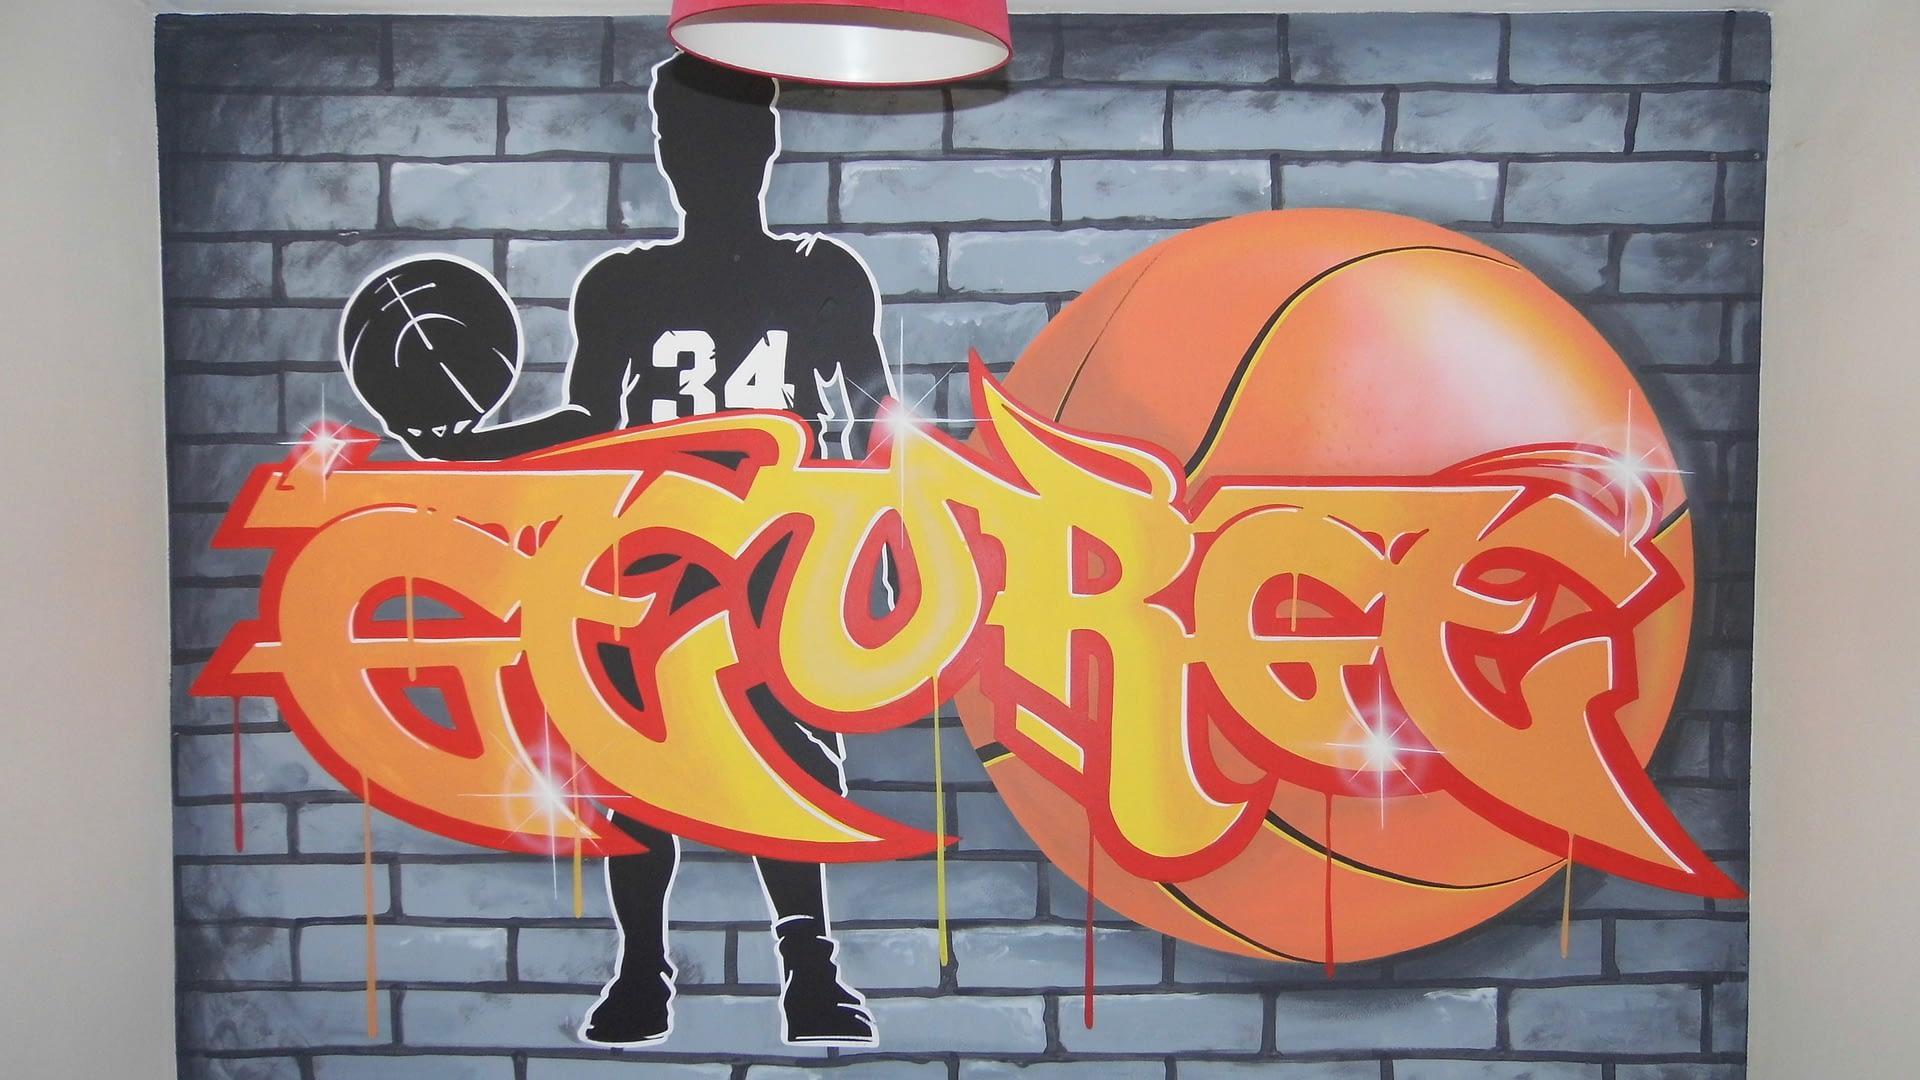 George Bedroom Graffiti